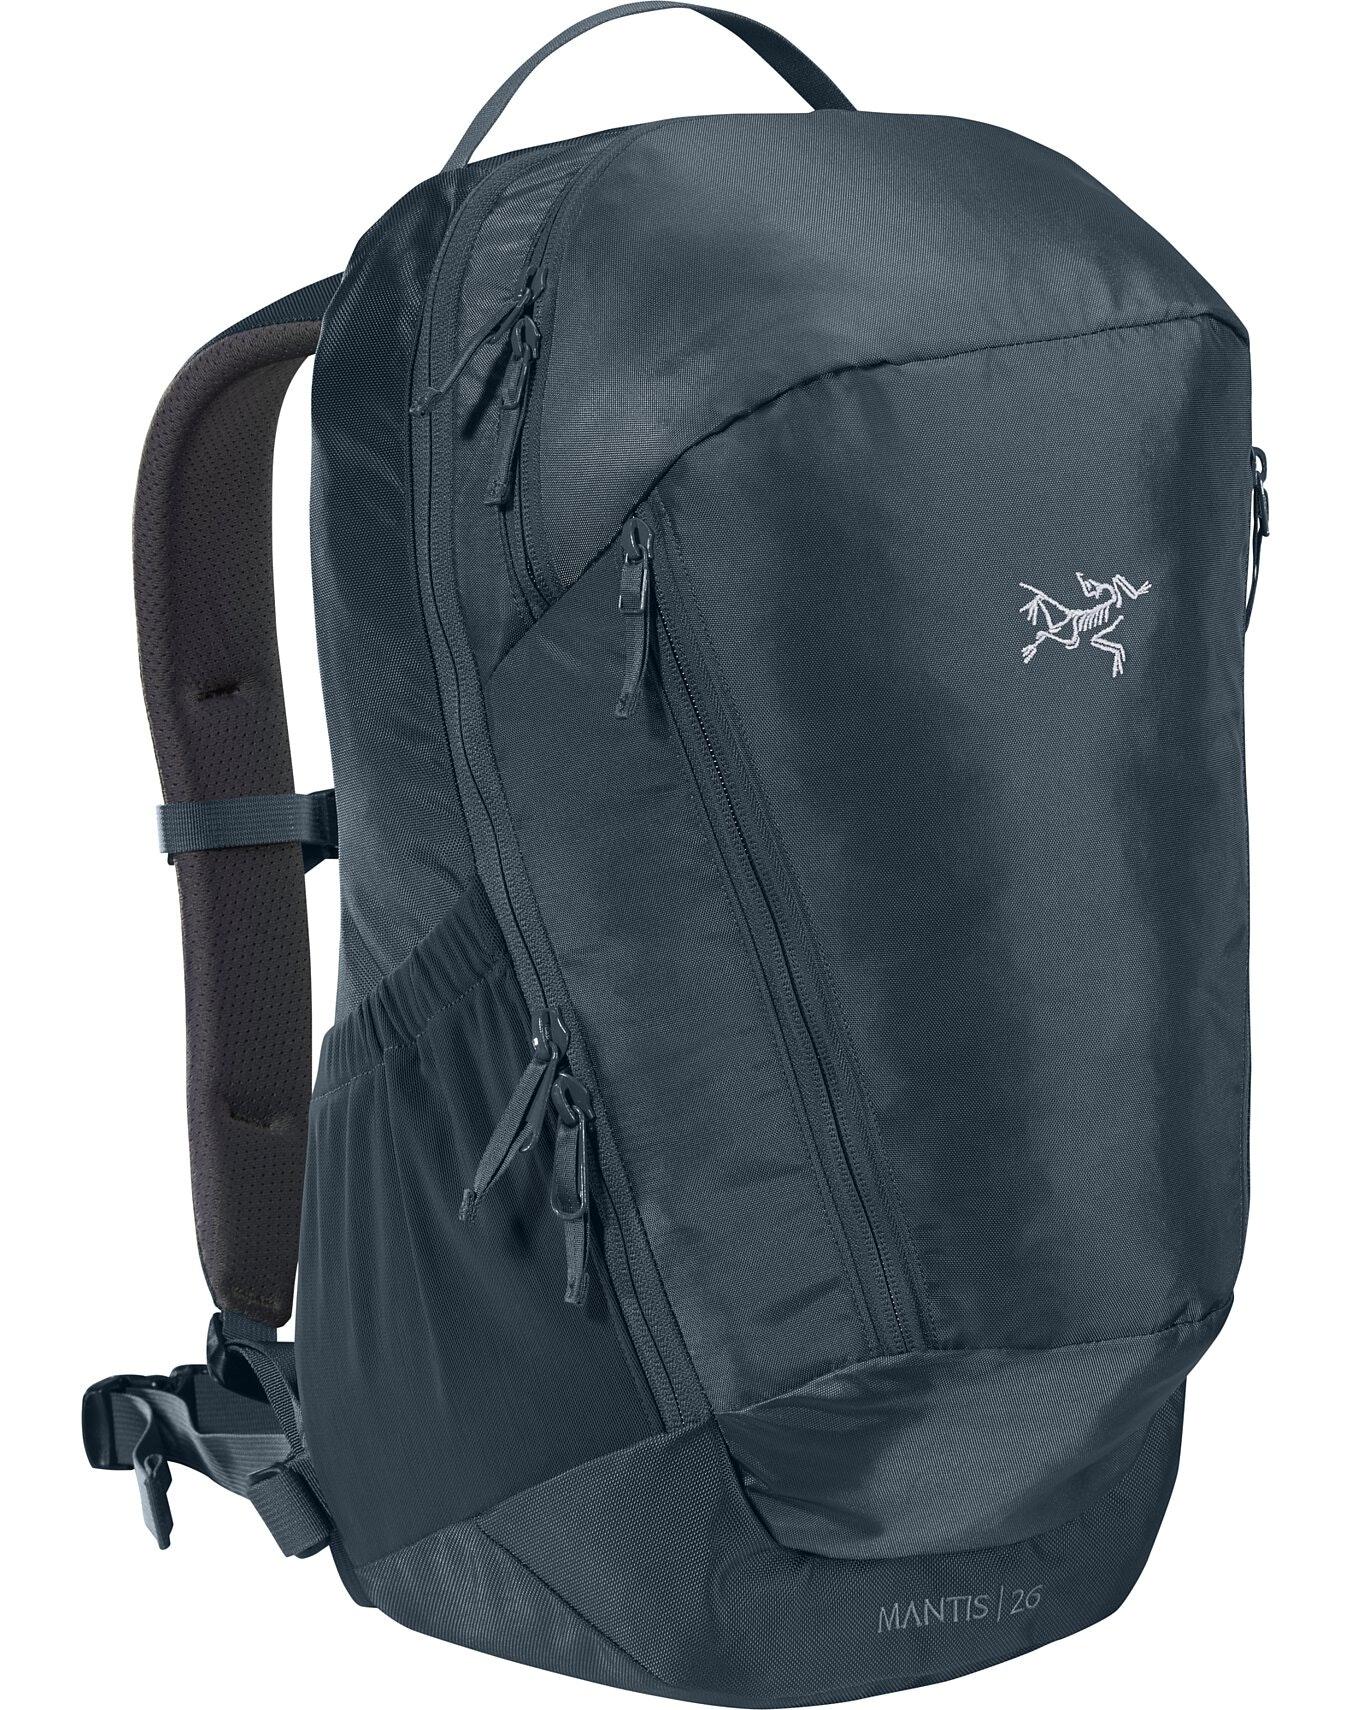 Mantis 26 Backpack Fortune